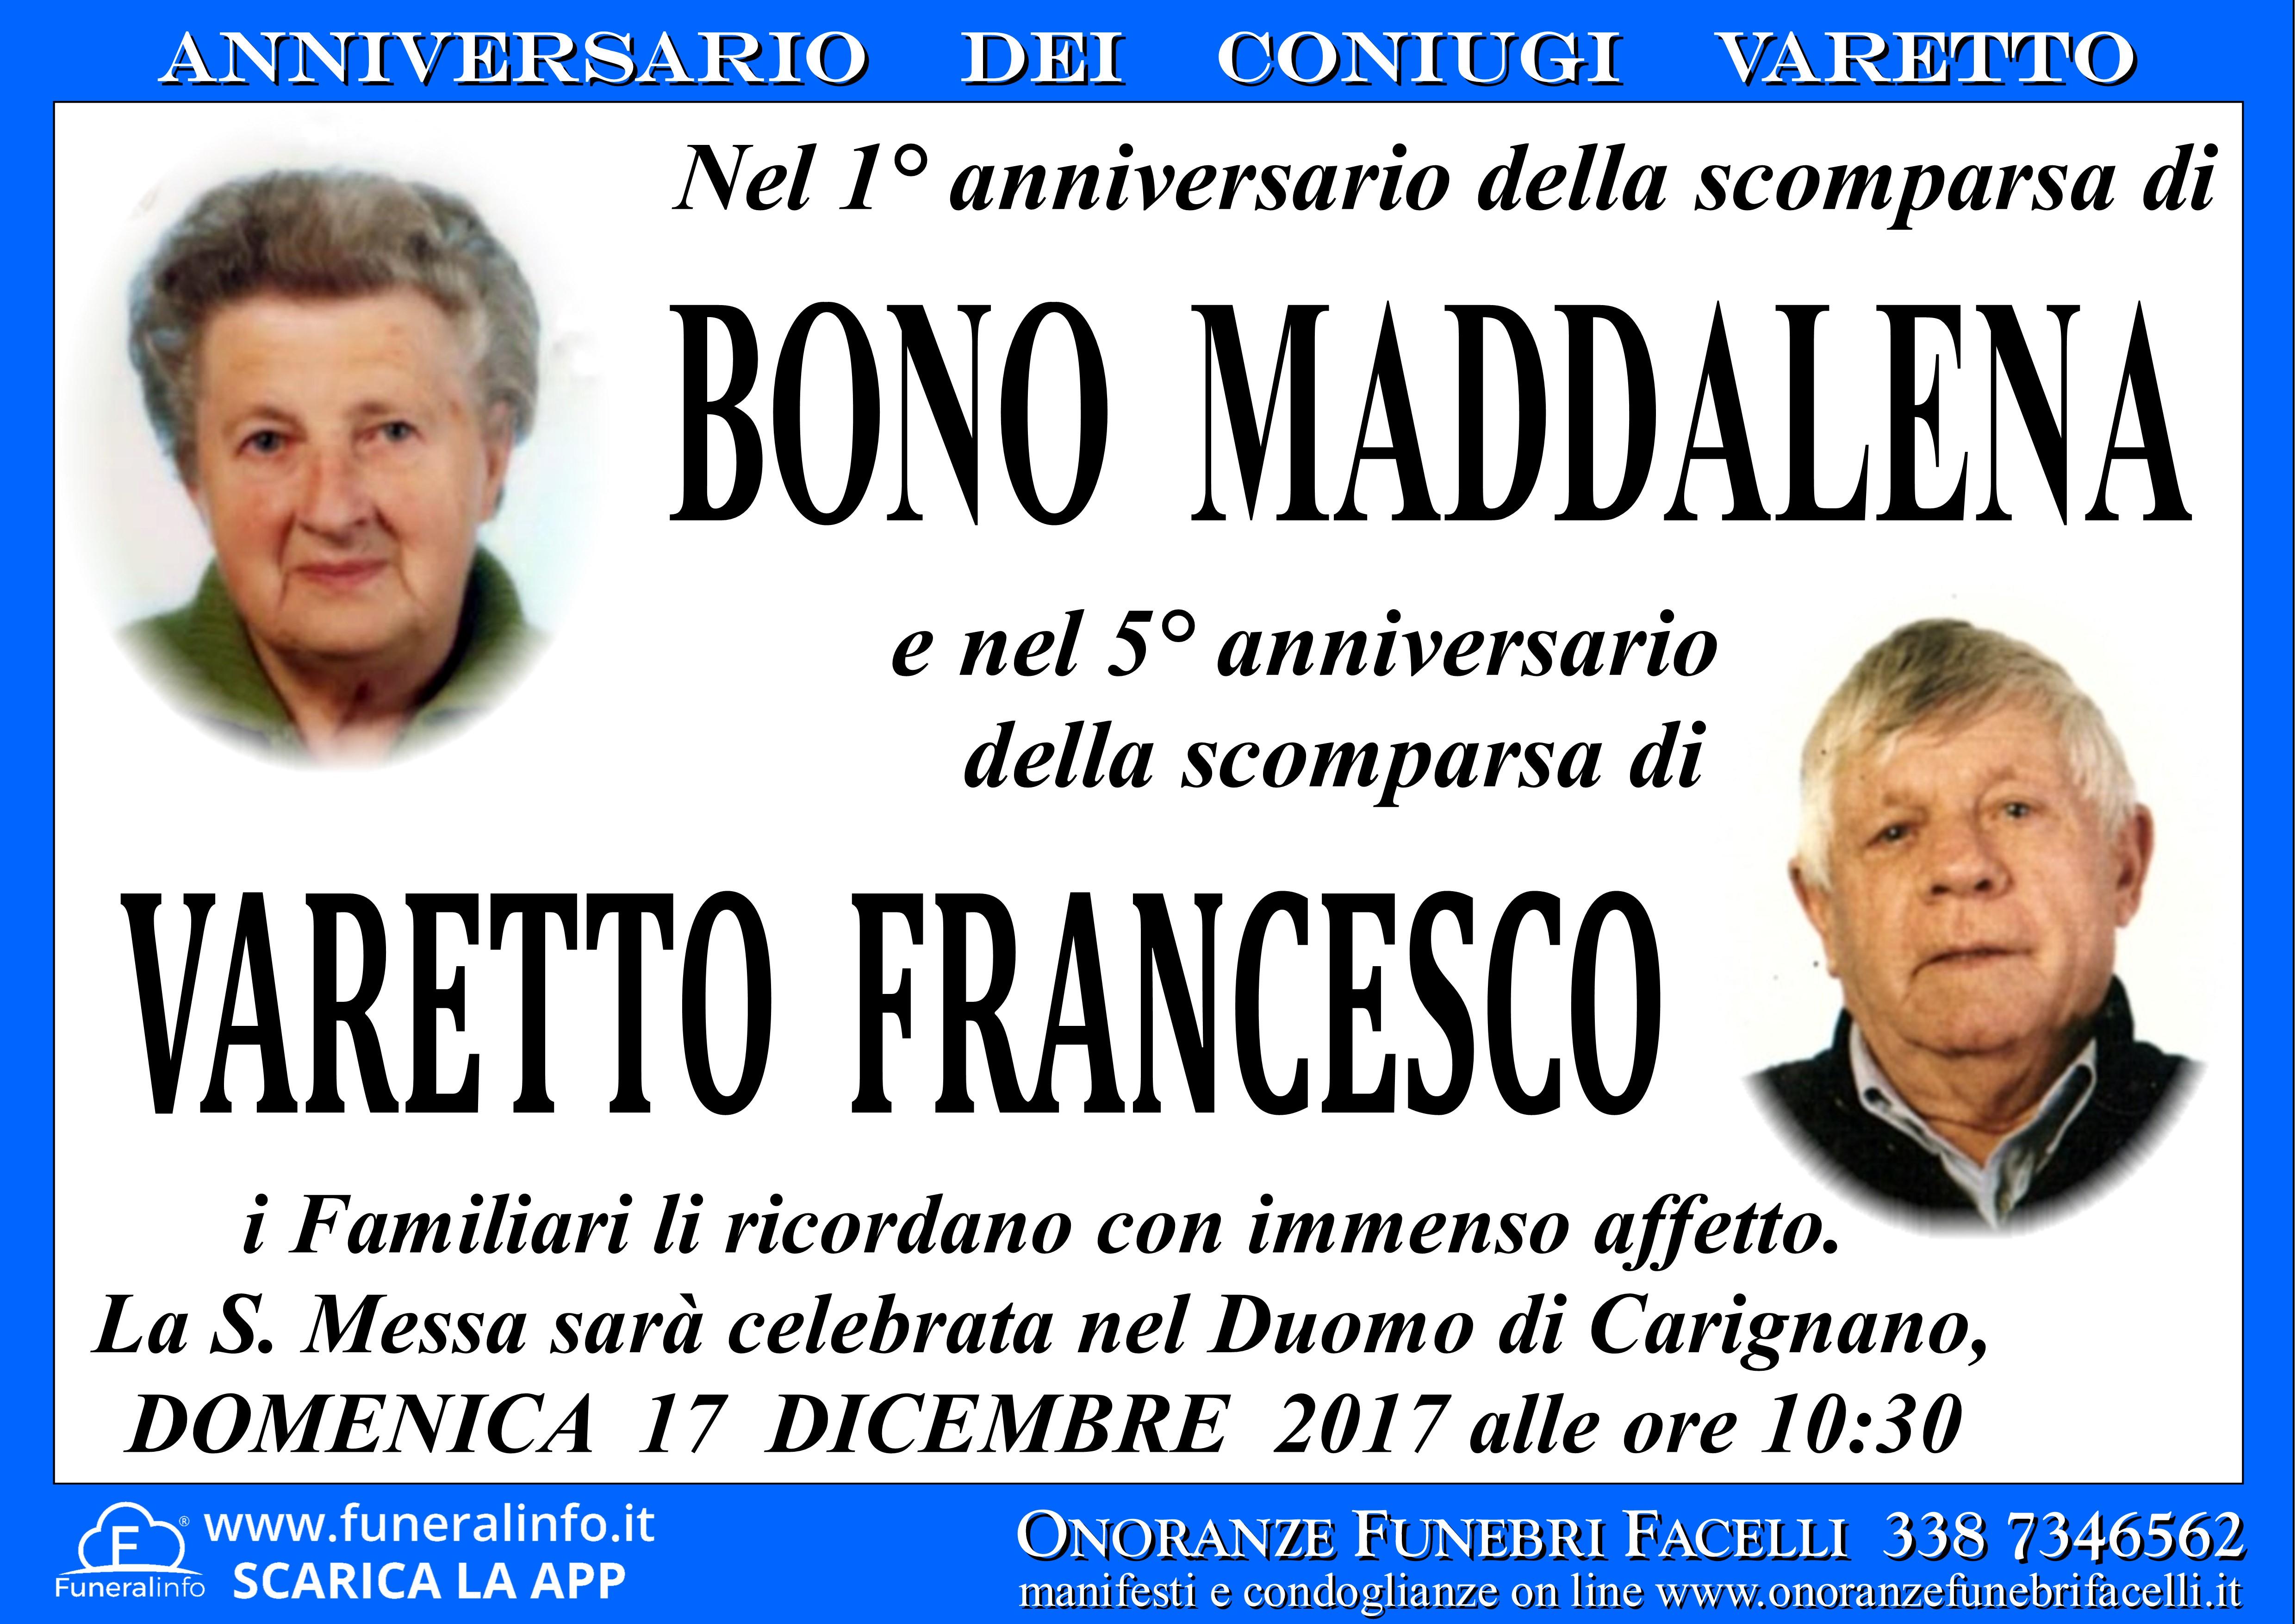 Top ANNIVERSARIO dei CONIUGI VARETTO - Onoranze Funebri Facelli WR61